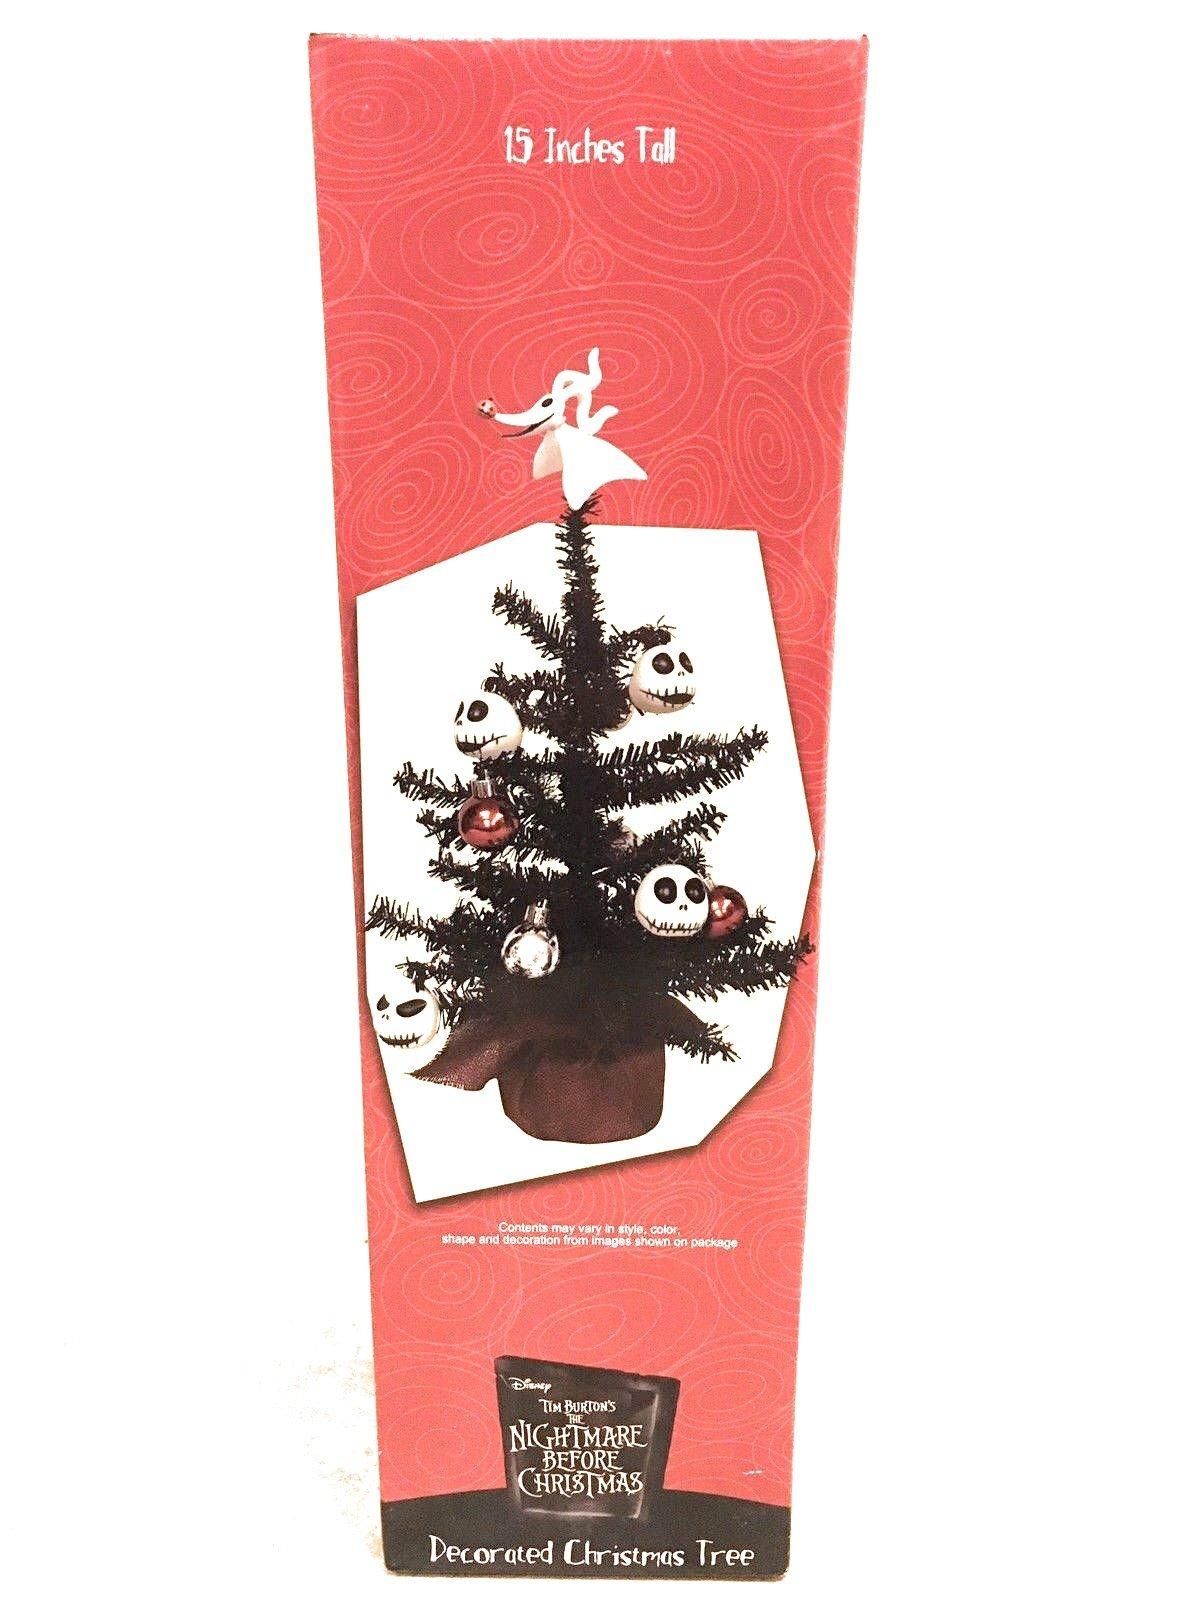 Disney Tim Burton's The Nightmare Before Christmas Decorated Christmas Tree - NBC